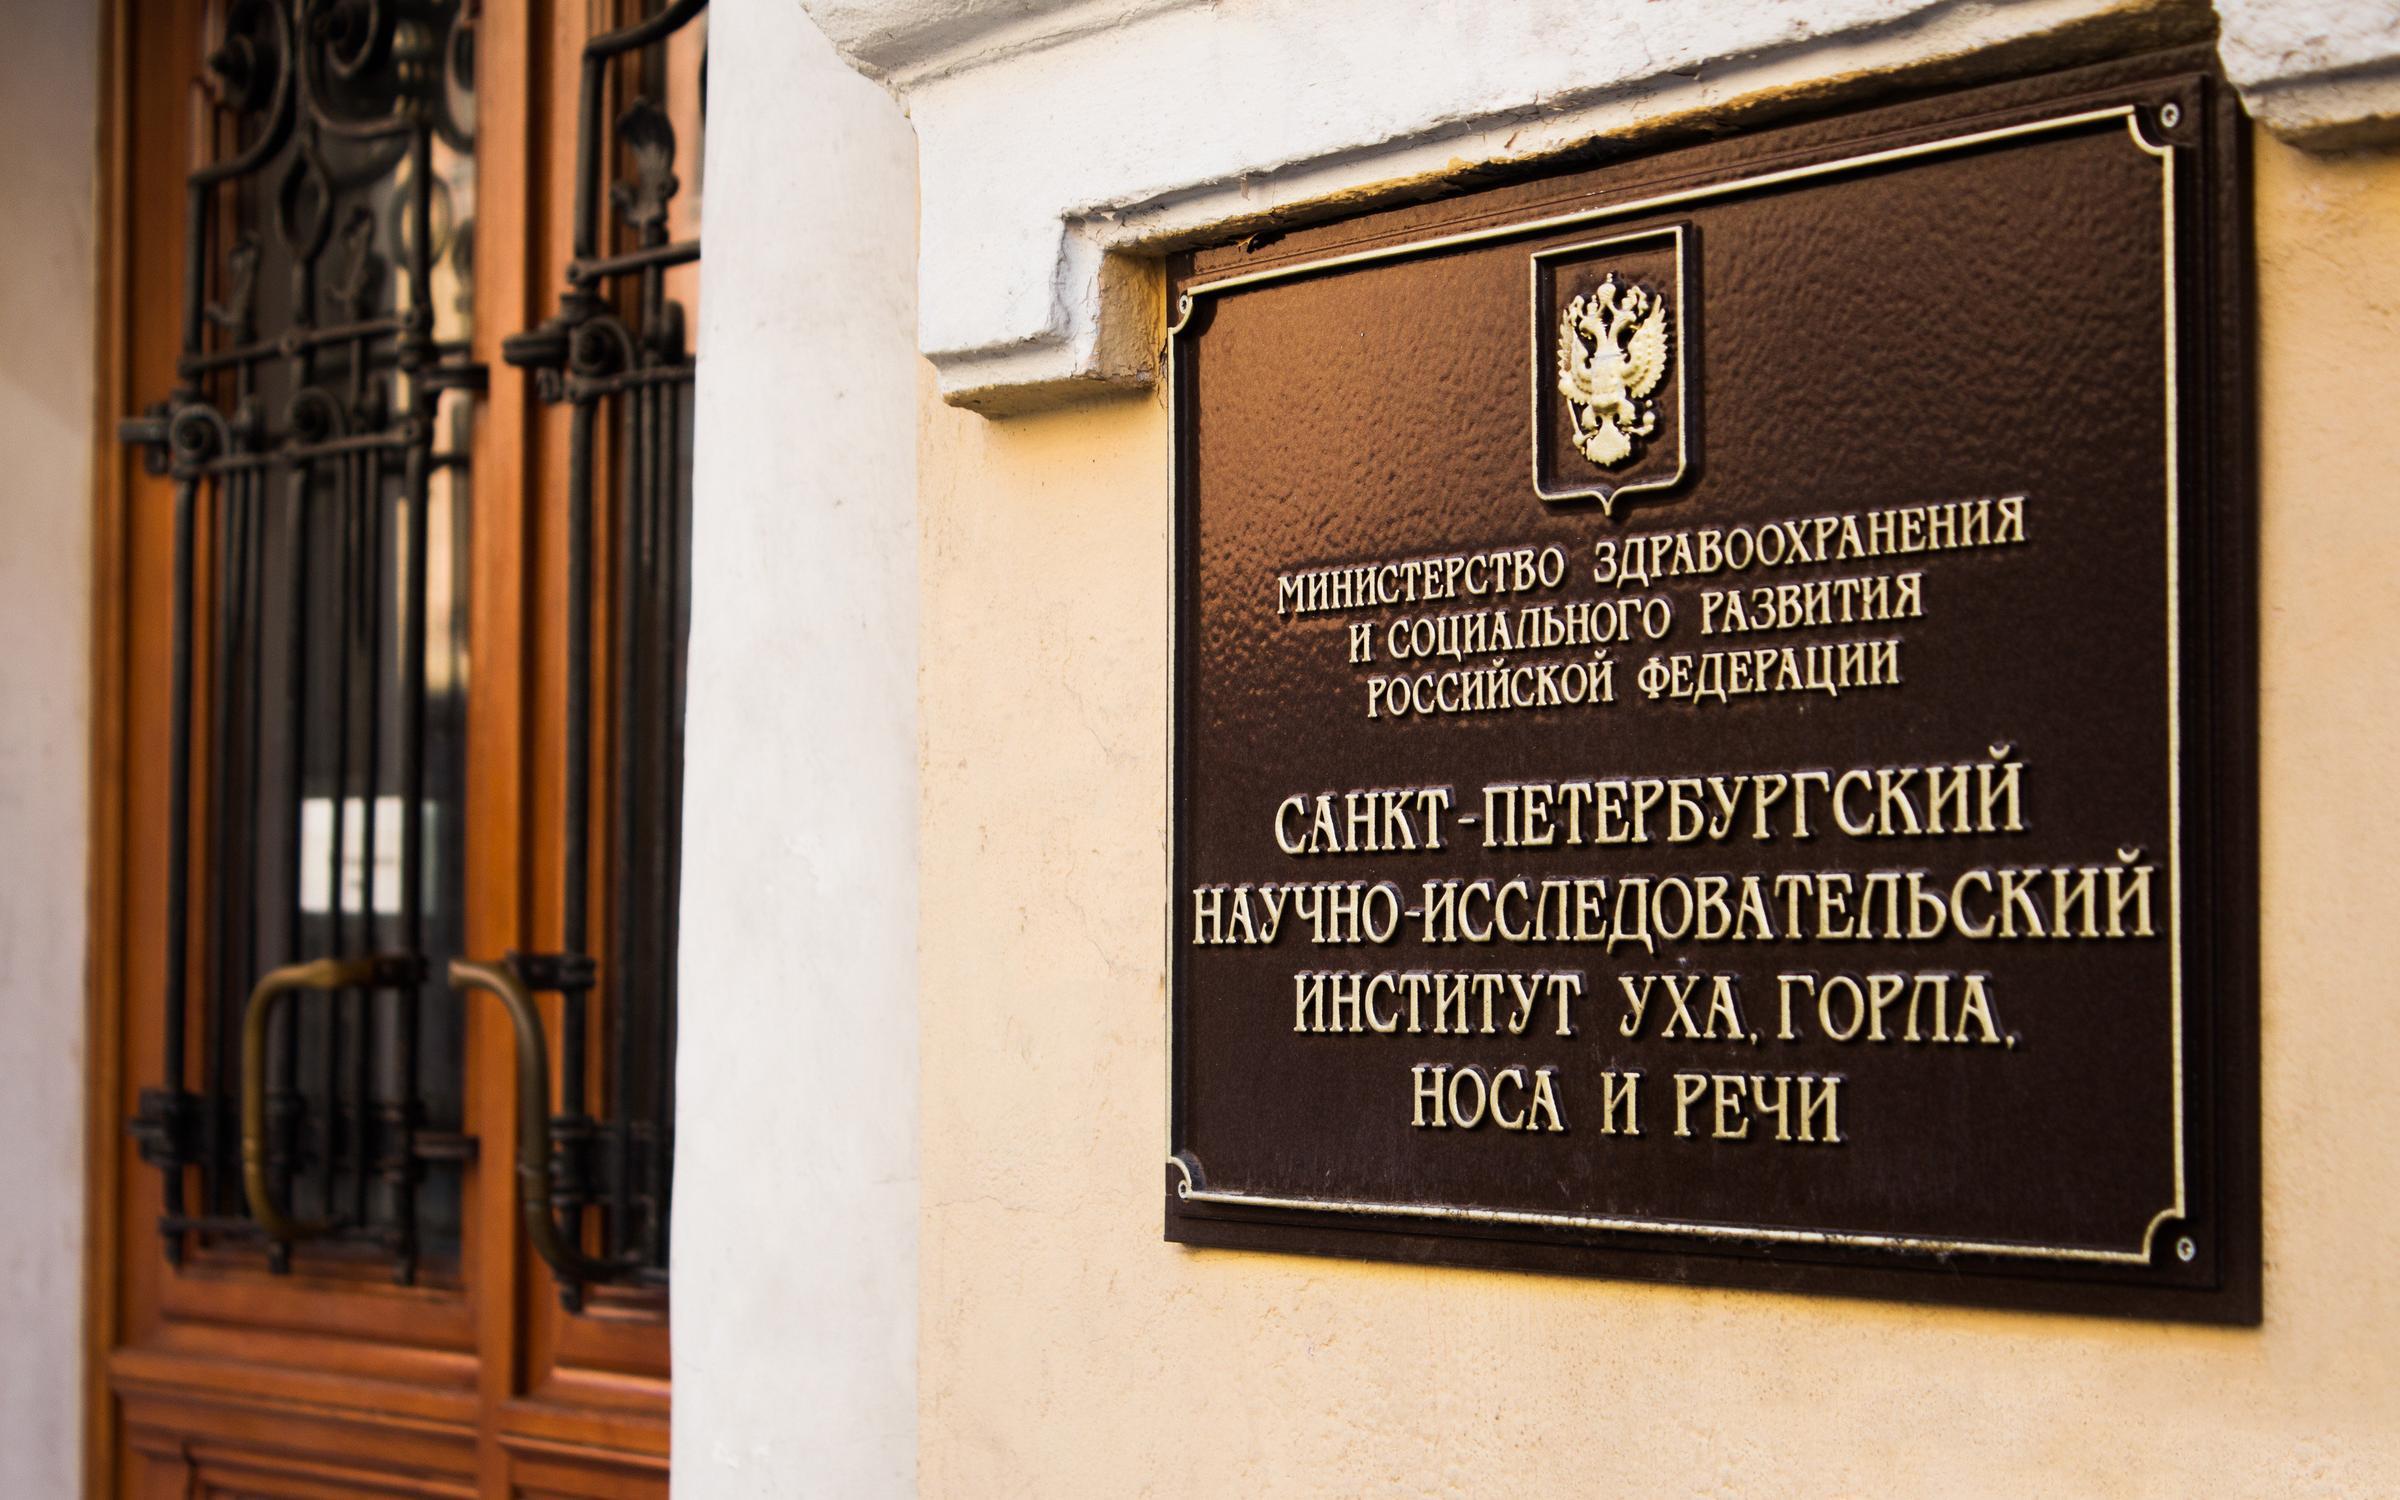 фотография Санкт-Петербургский НИИ уха, горла, носа и речи на метро Технологический институт